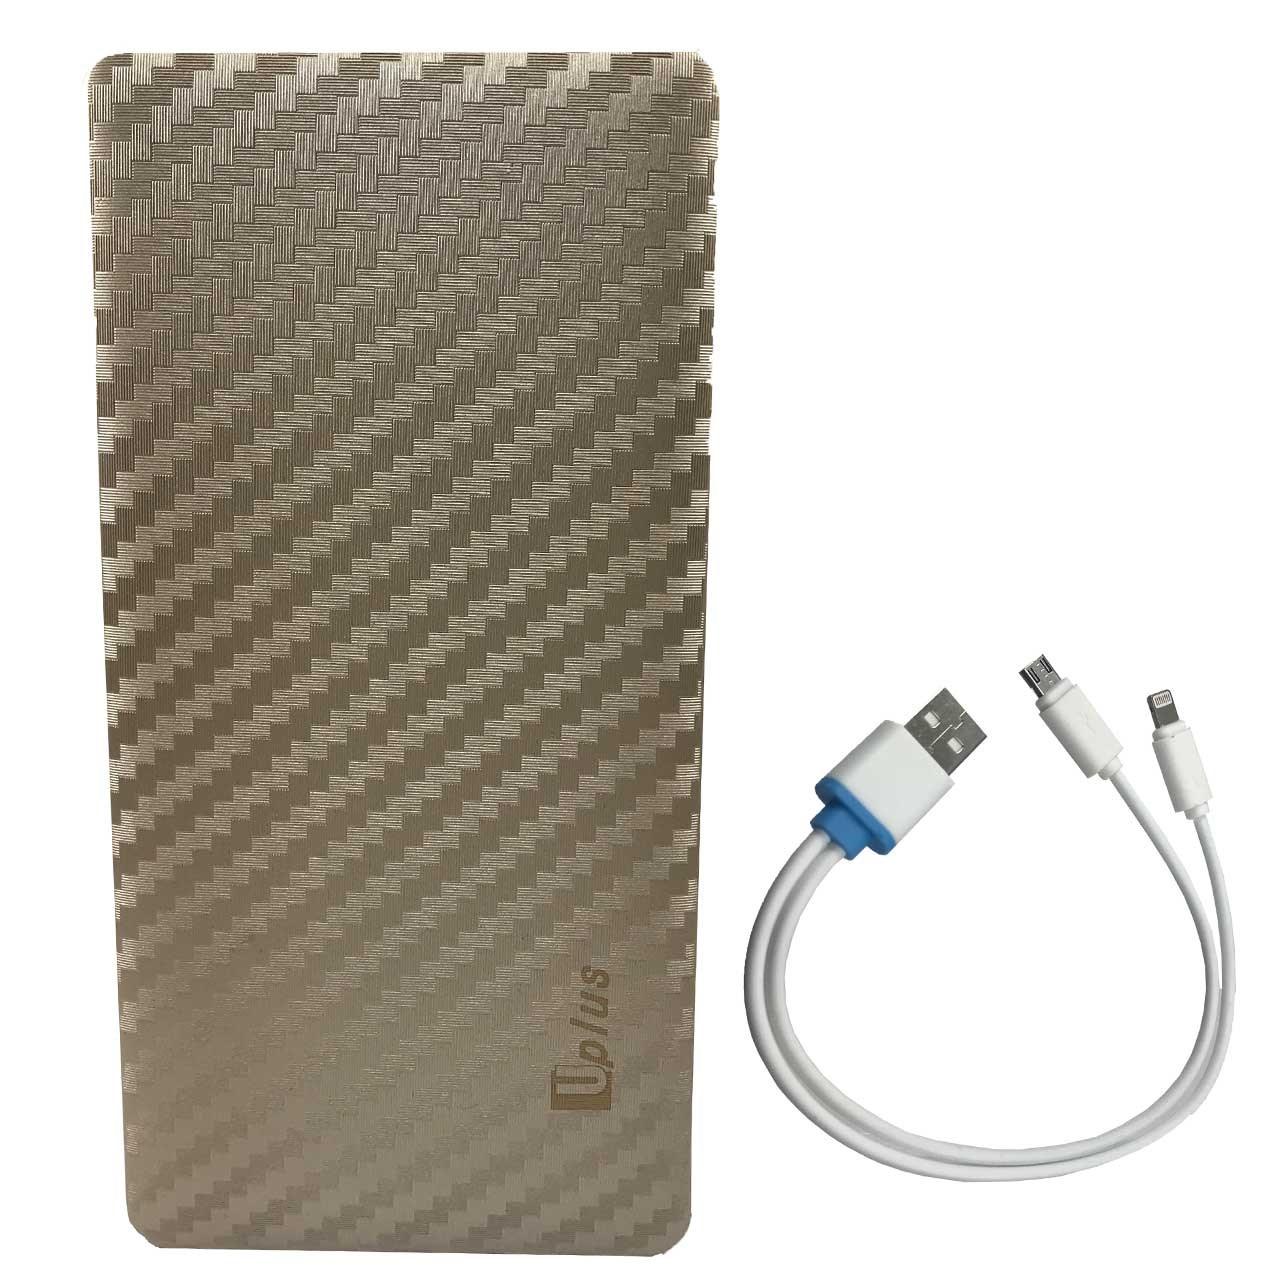 قیمت شارژر همراه یو پلاس مدل UP-PB806 با ظرفیت 6000 میلی آمپر  به همراه کابل لایتنینگ و micro usb